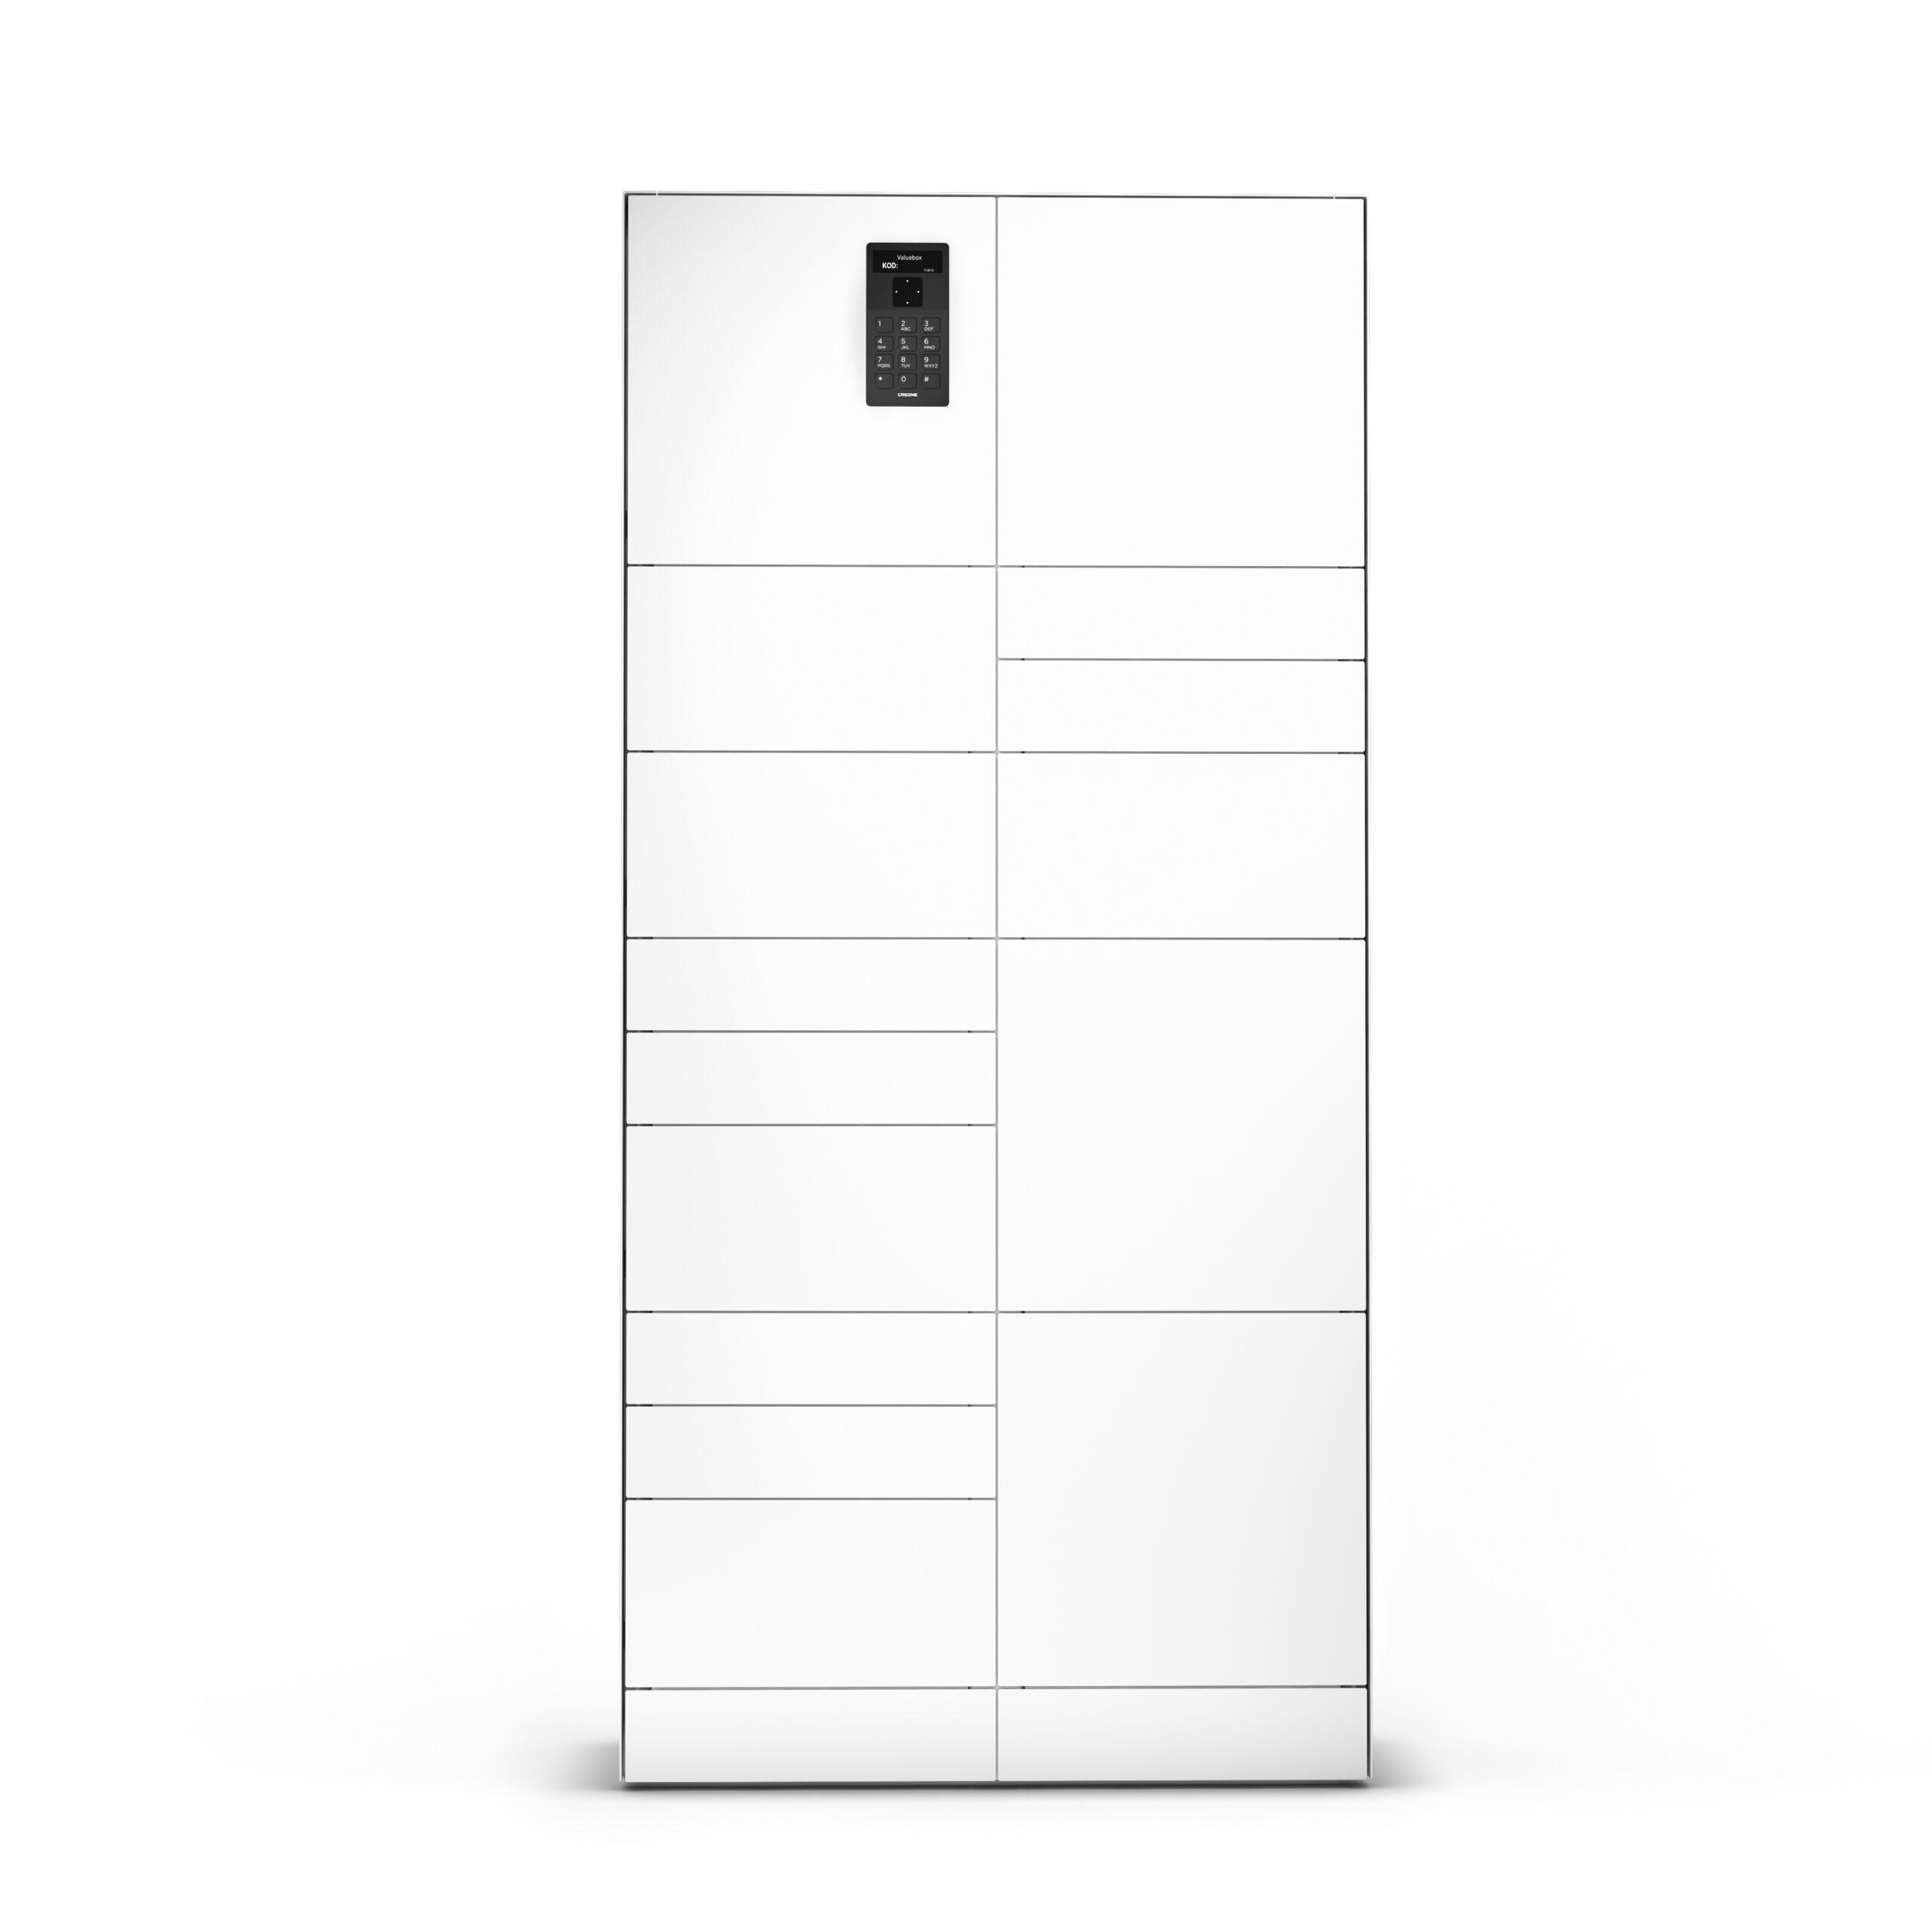 Armoire ValueBox SC de la série Control dimensionnée avec trois différents types de compartiments pour le stockage d'objets divers